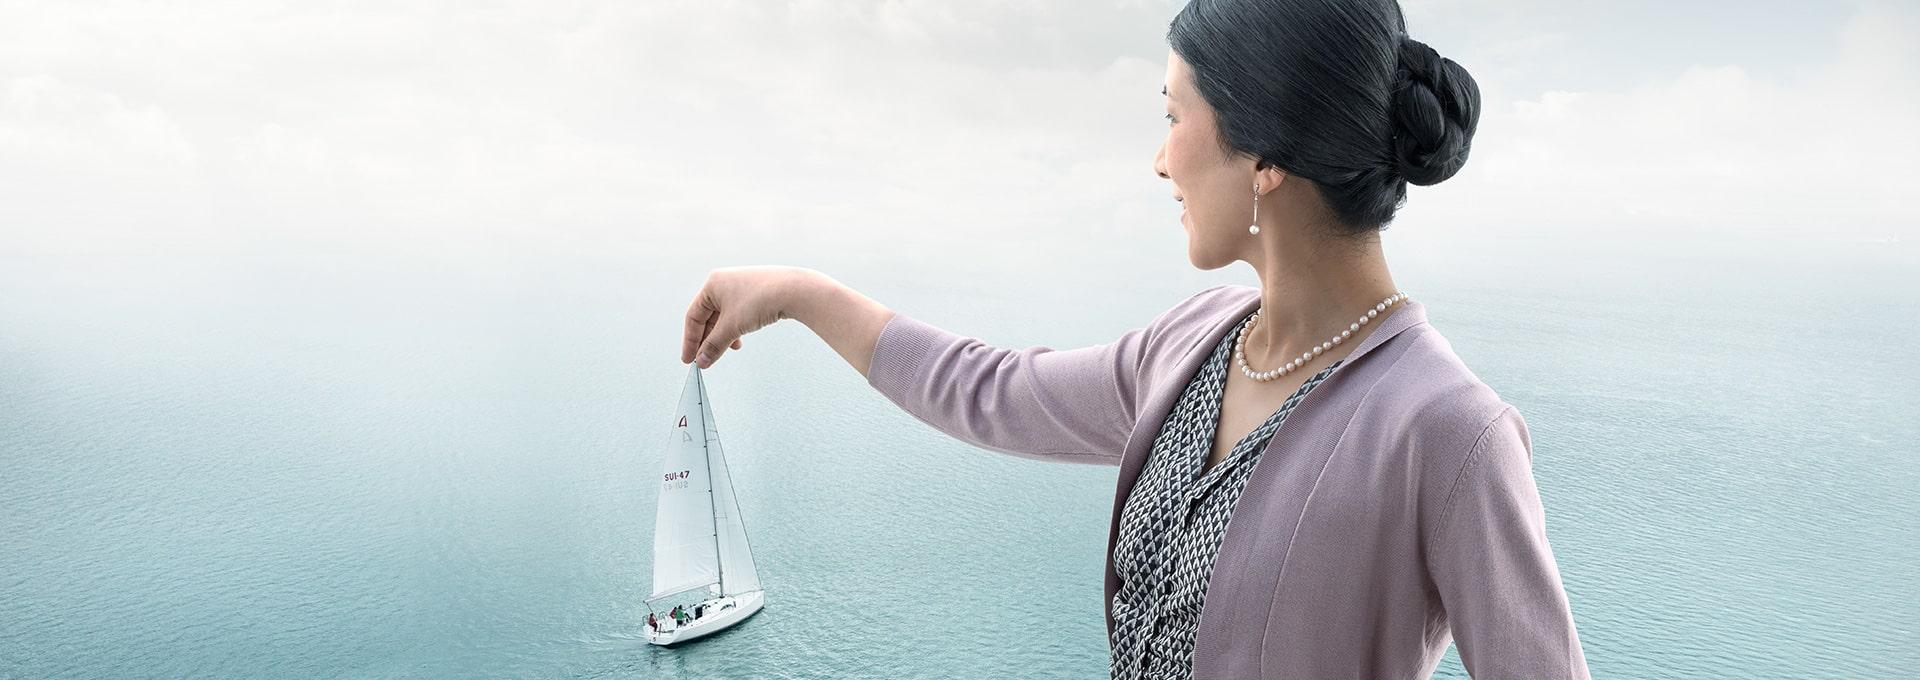 BF_Header_1920_680_Sailing